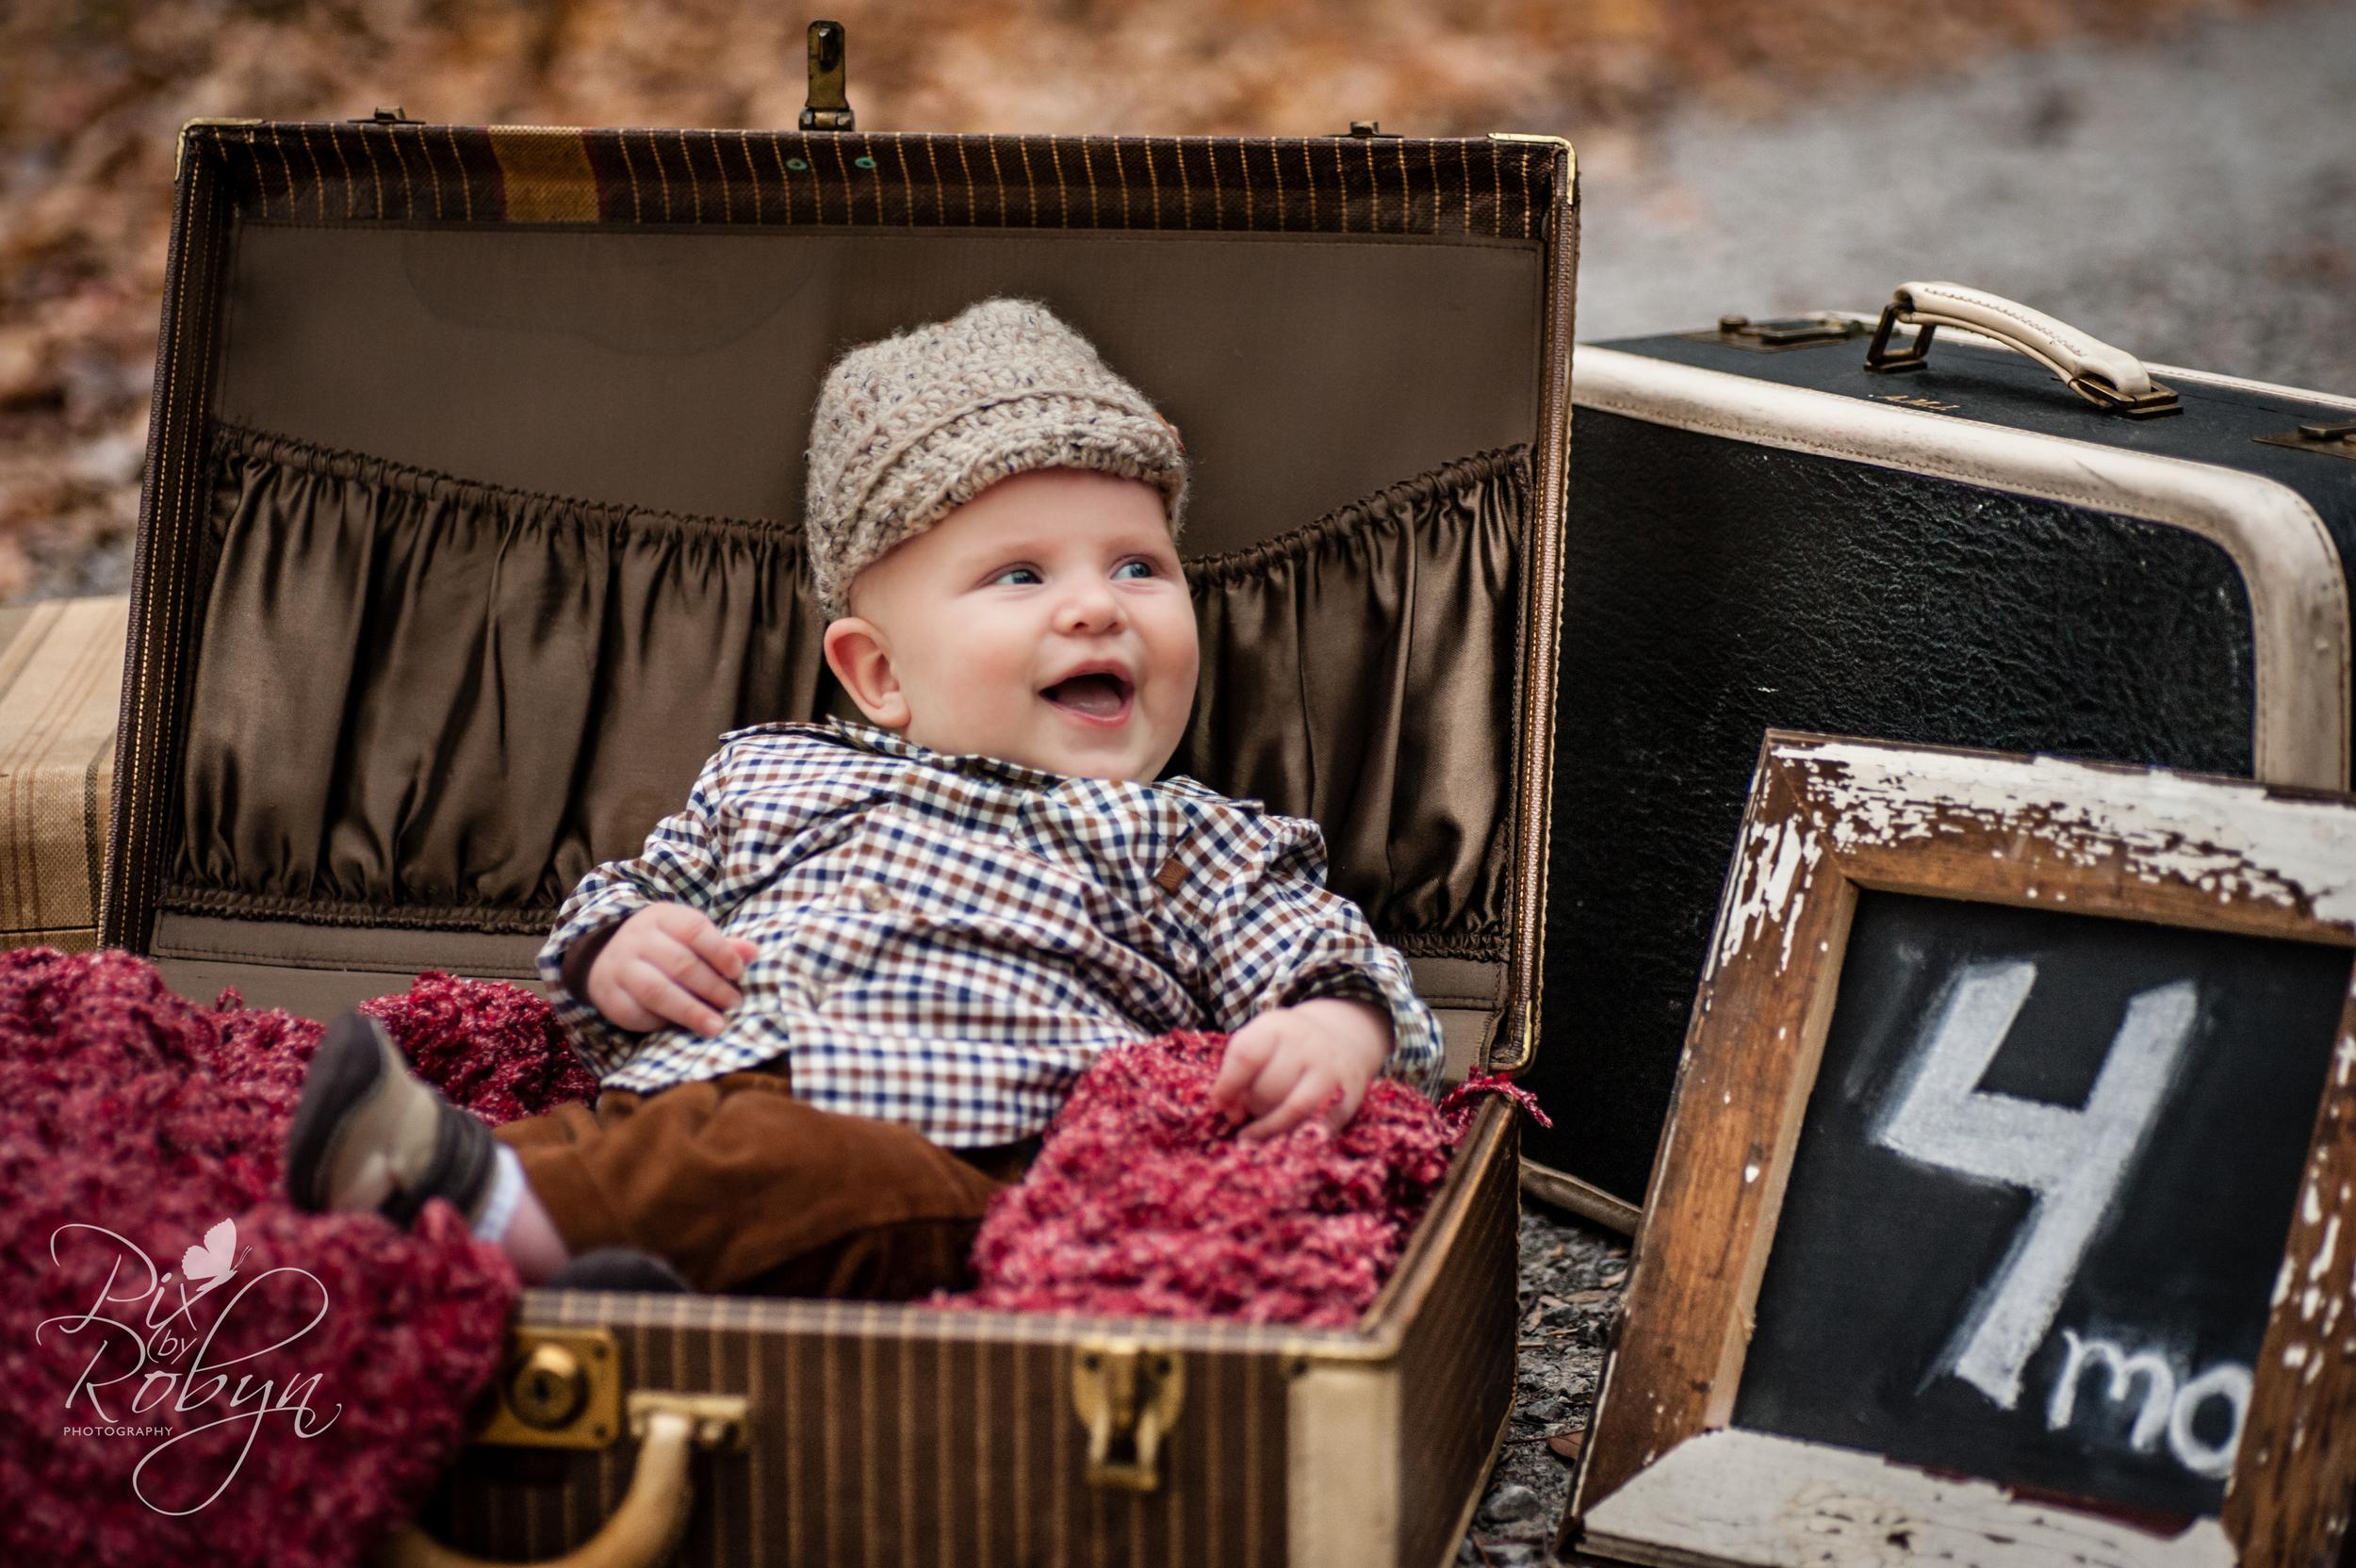 Baby_PBR2.jpg